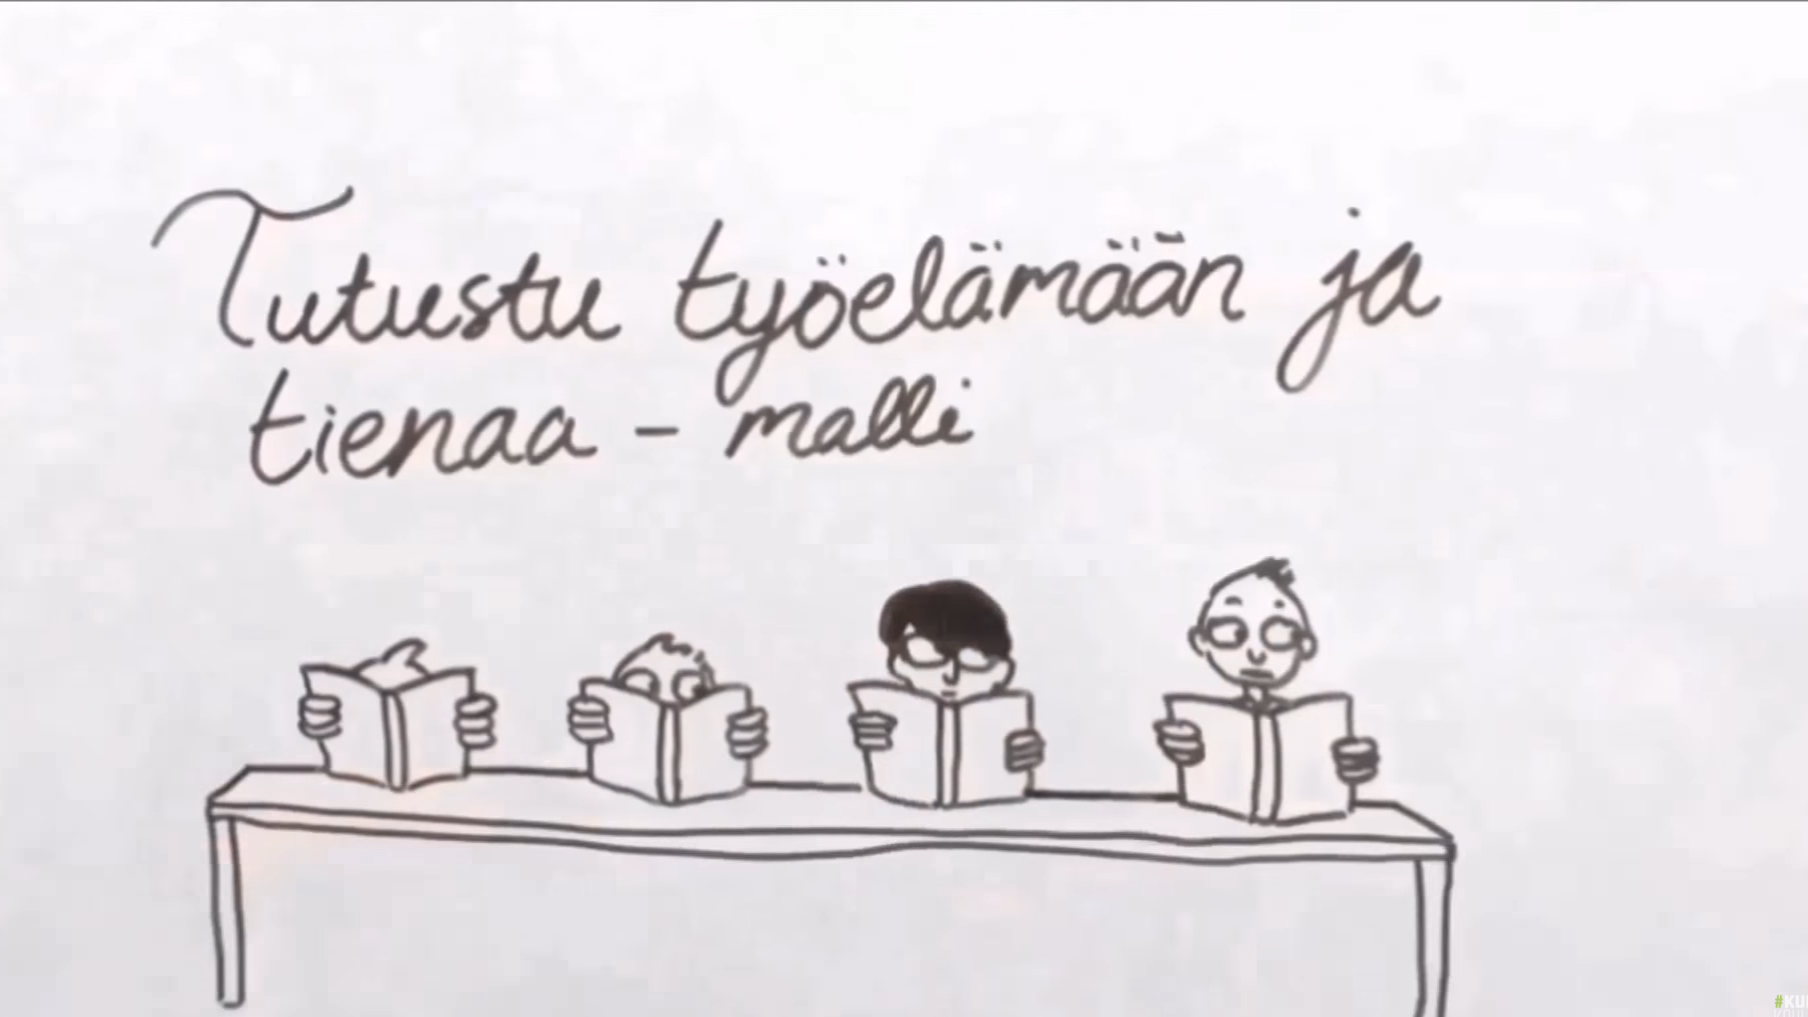 tutustu työelämään ja tienaa 2016 työpaikat Ulvila